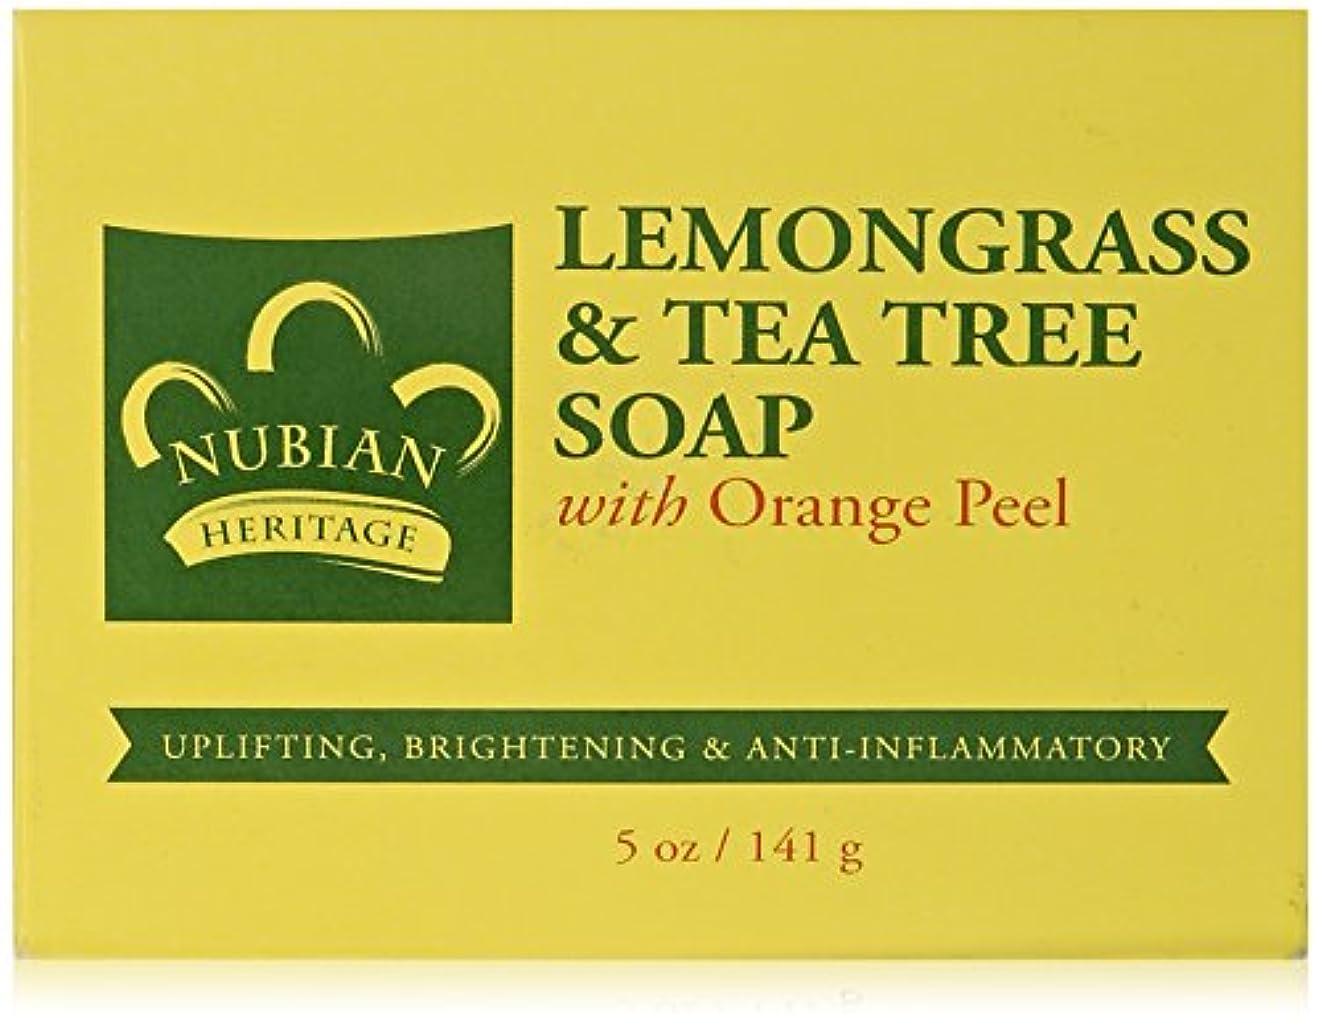 ビジネス影響力のあるユーモラスNUBIAN HERITAGE レモングラス&ティートゥリー ソープ 141g